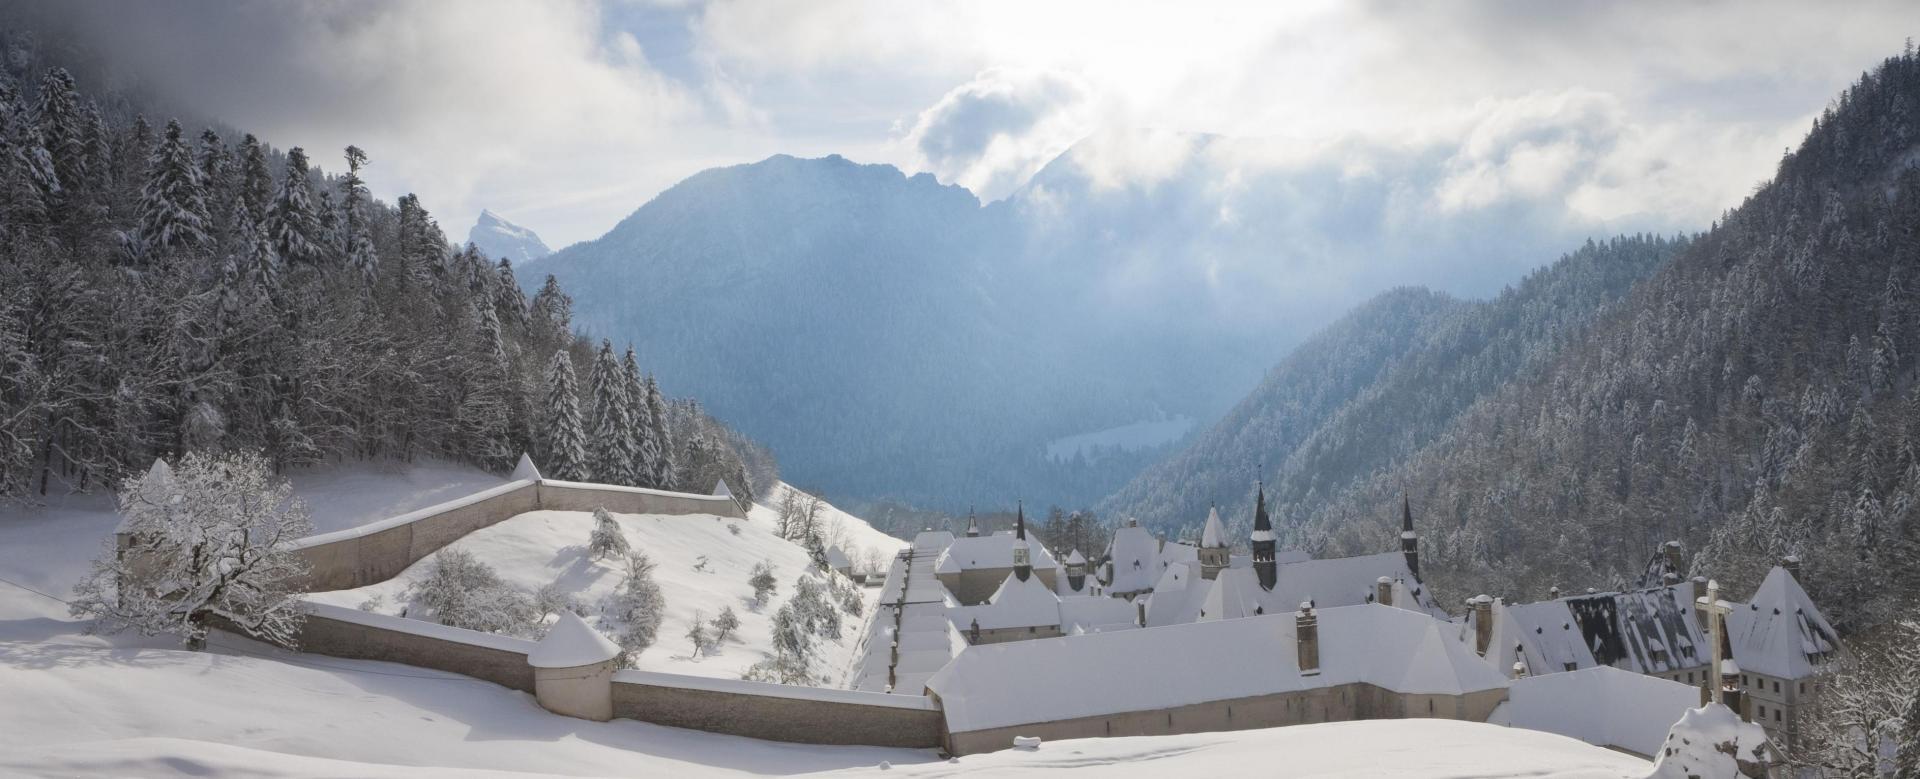 Voyage à la neige : Alpes du Nord : Paysages et patrimoine de chartreuse